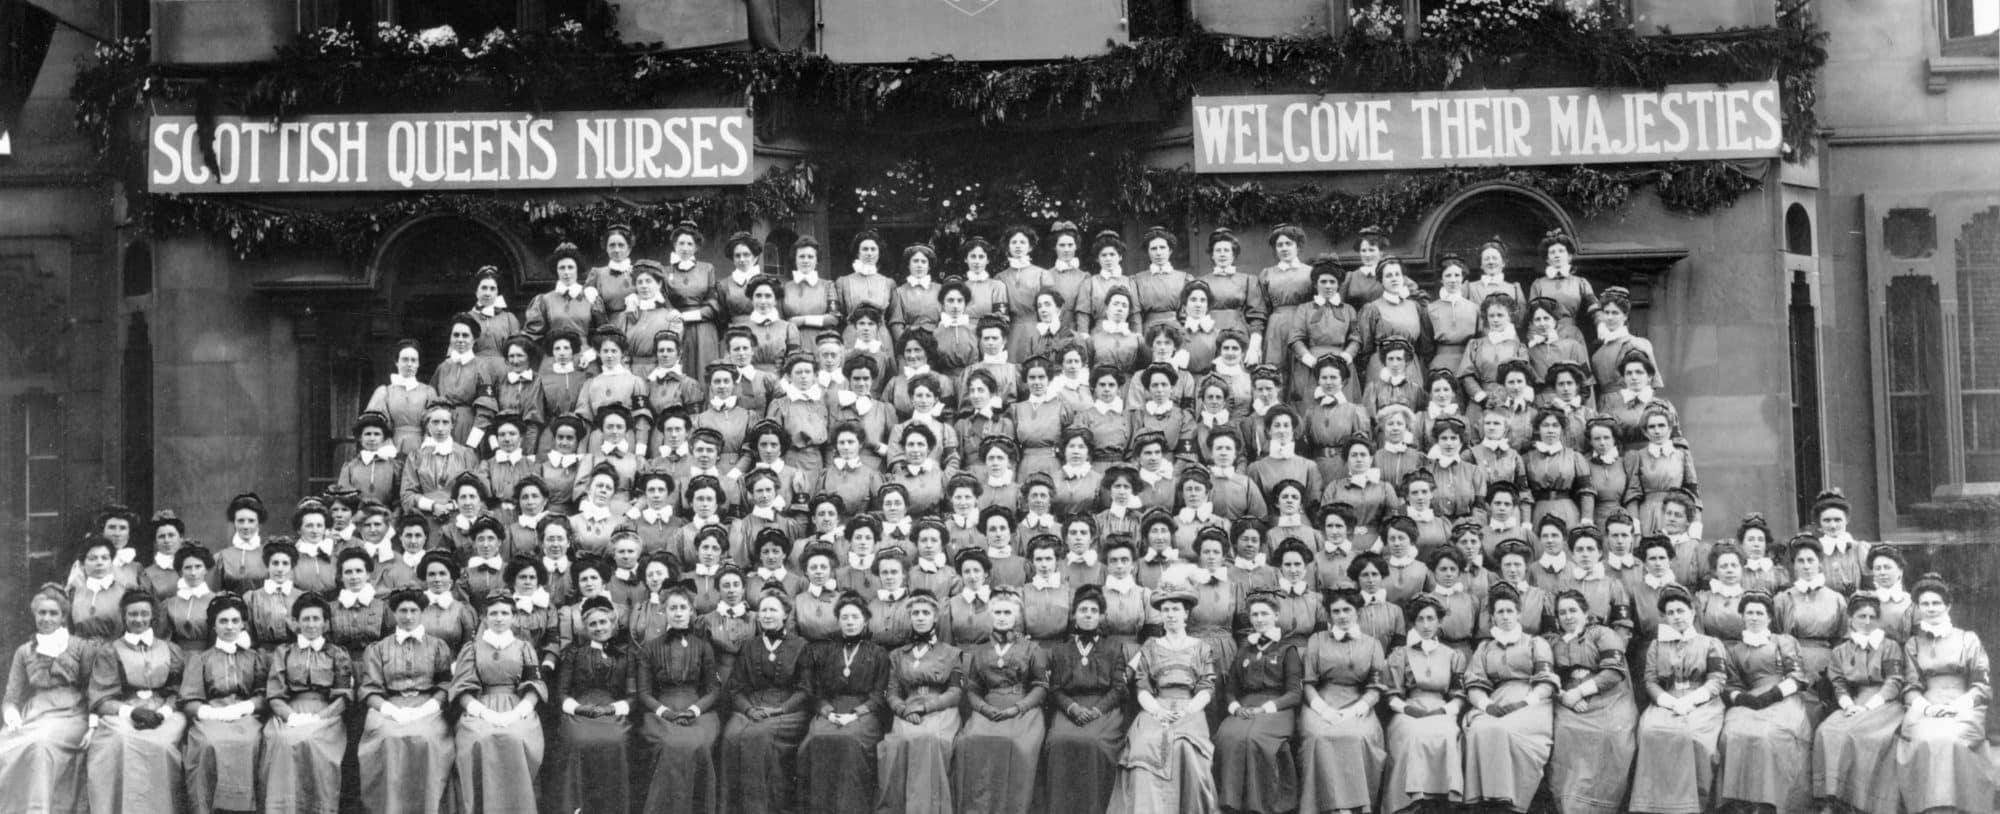 Queen's Nurses